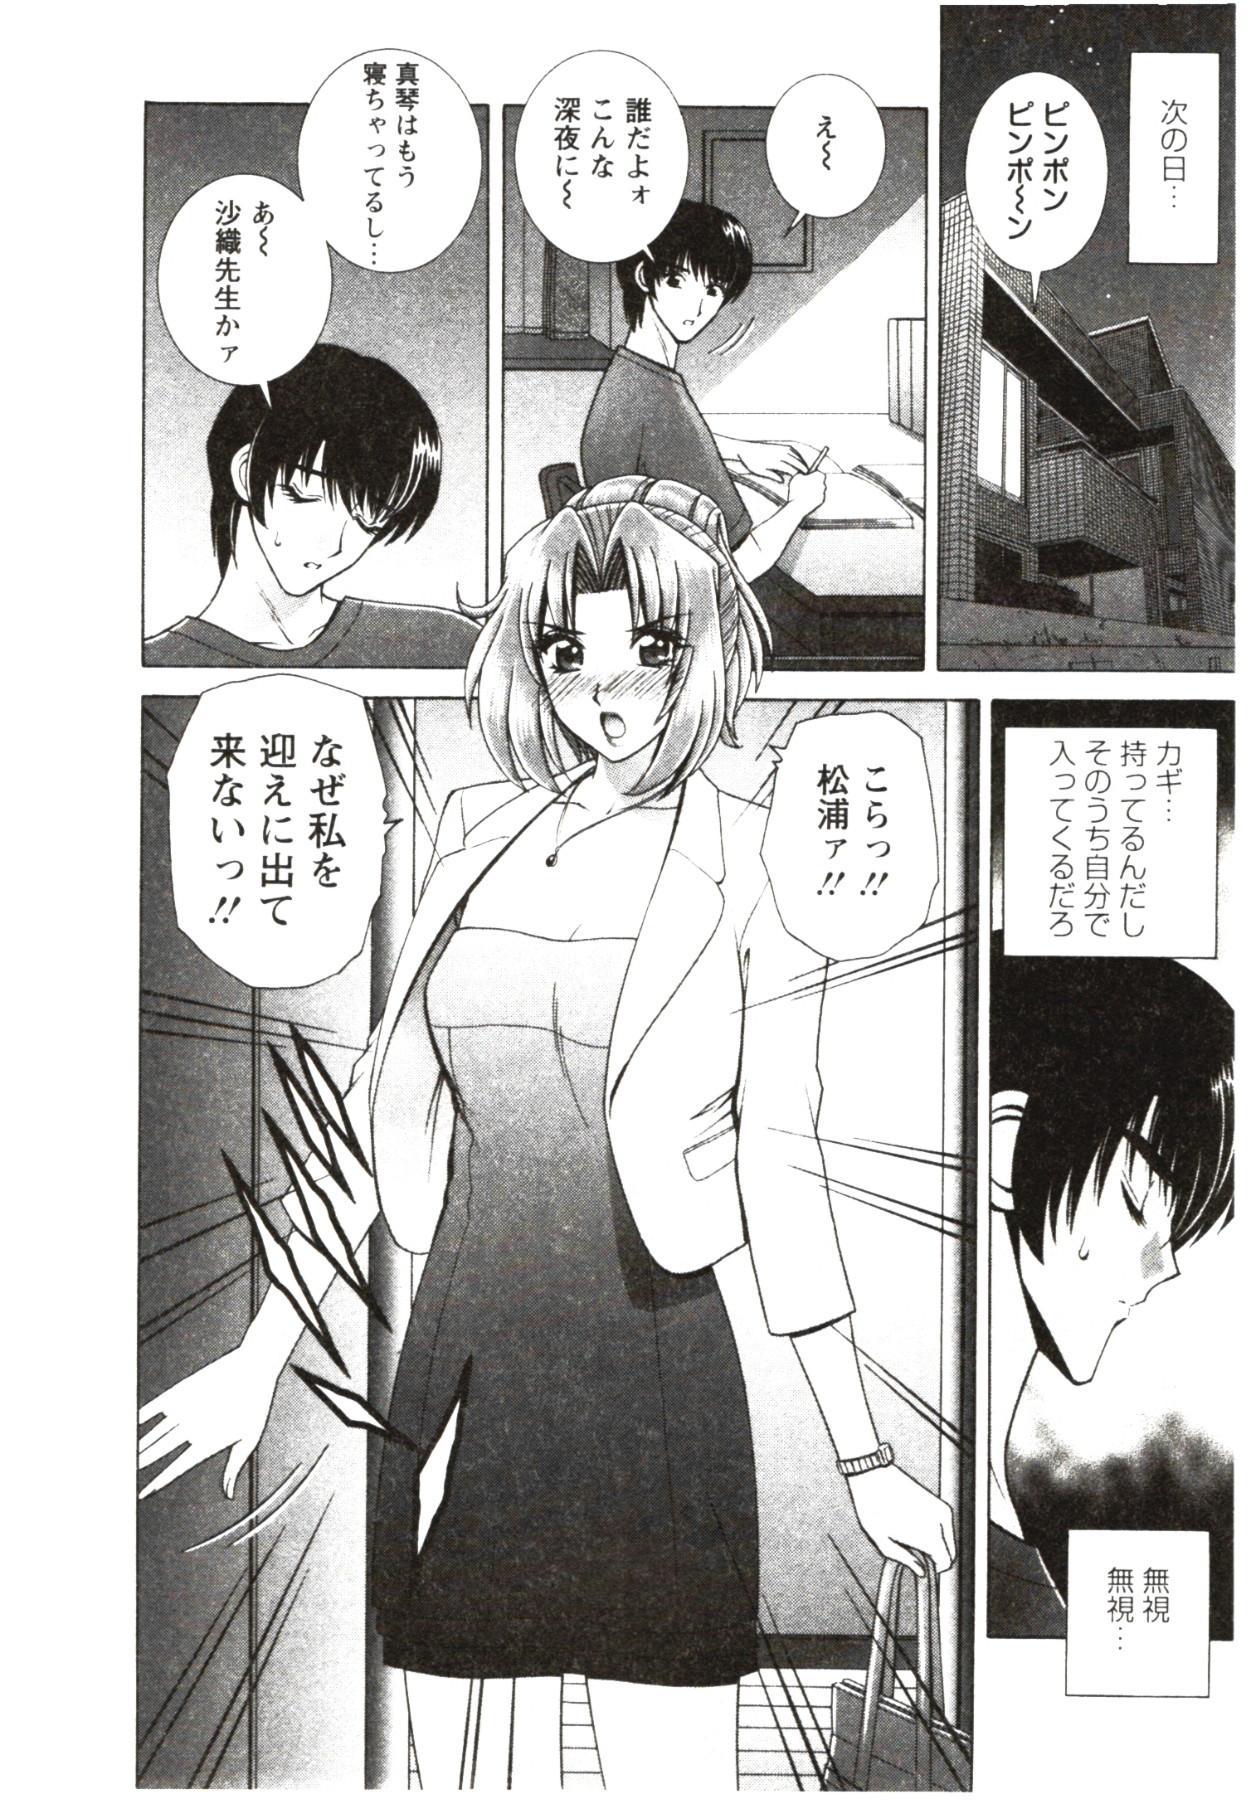 Futarigurashi 27